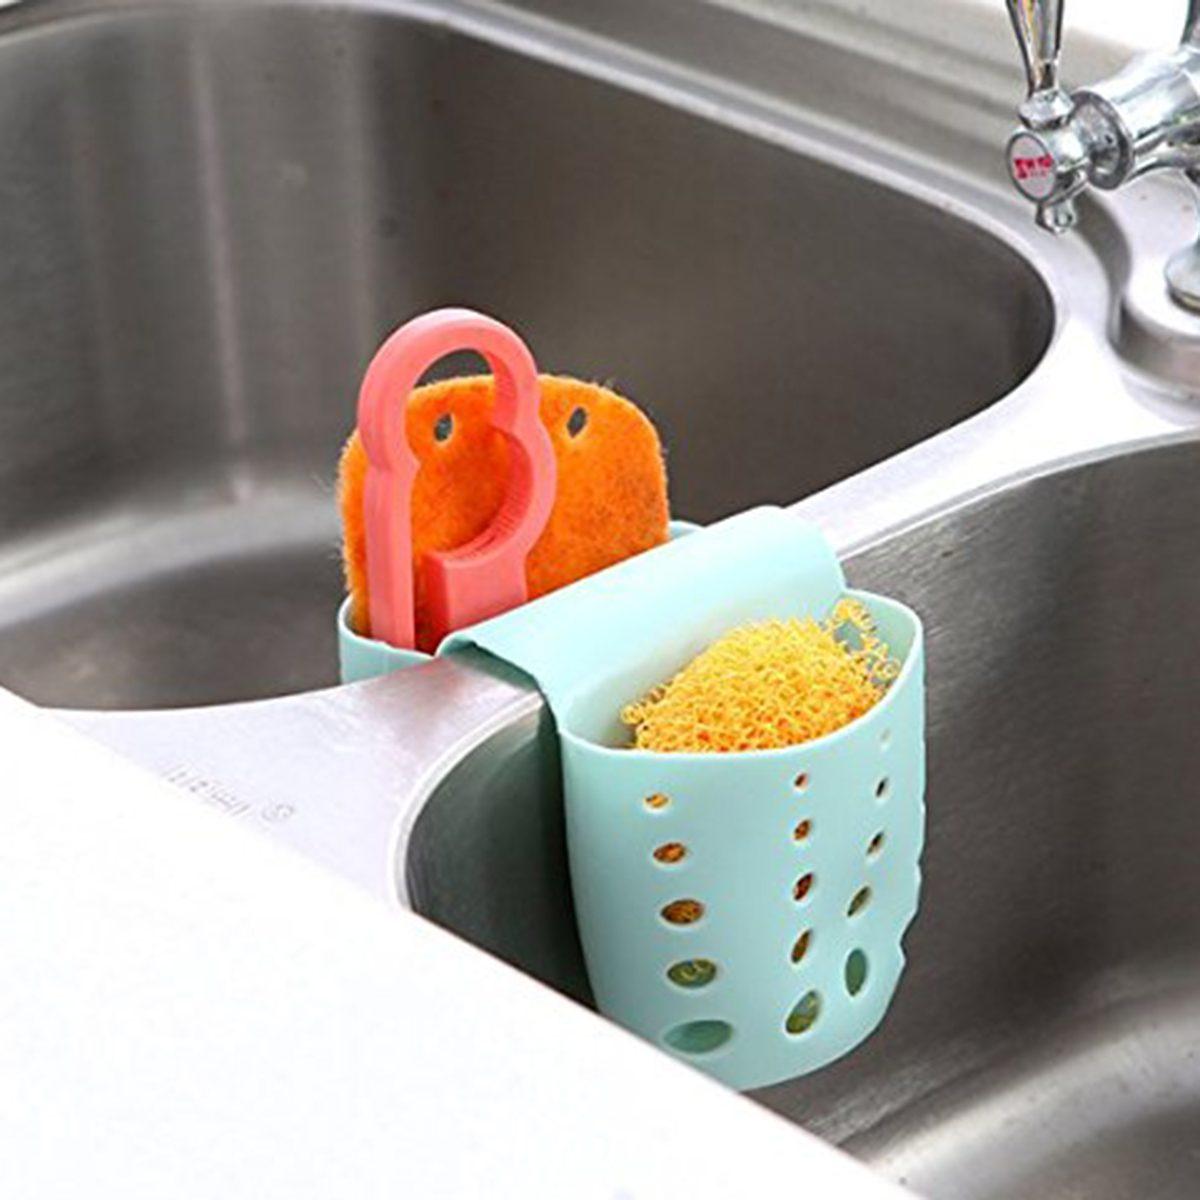 Sponge Holder Sink Caddy Soap Holder